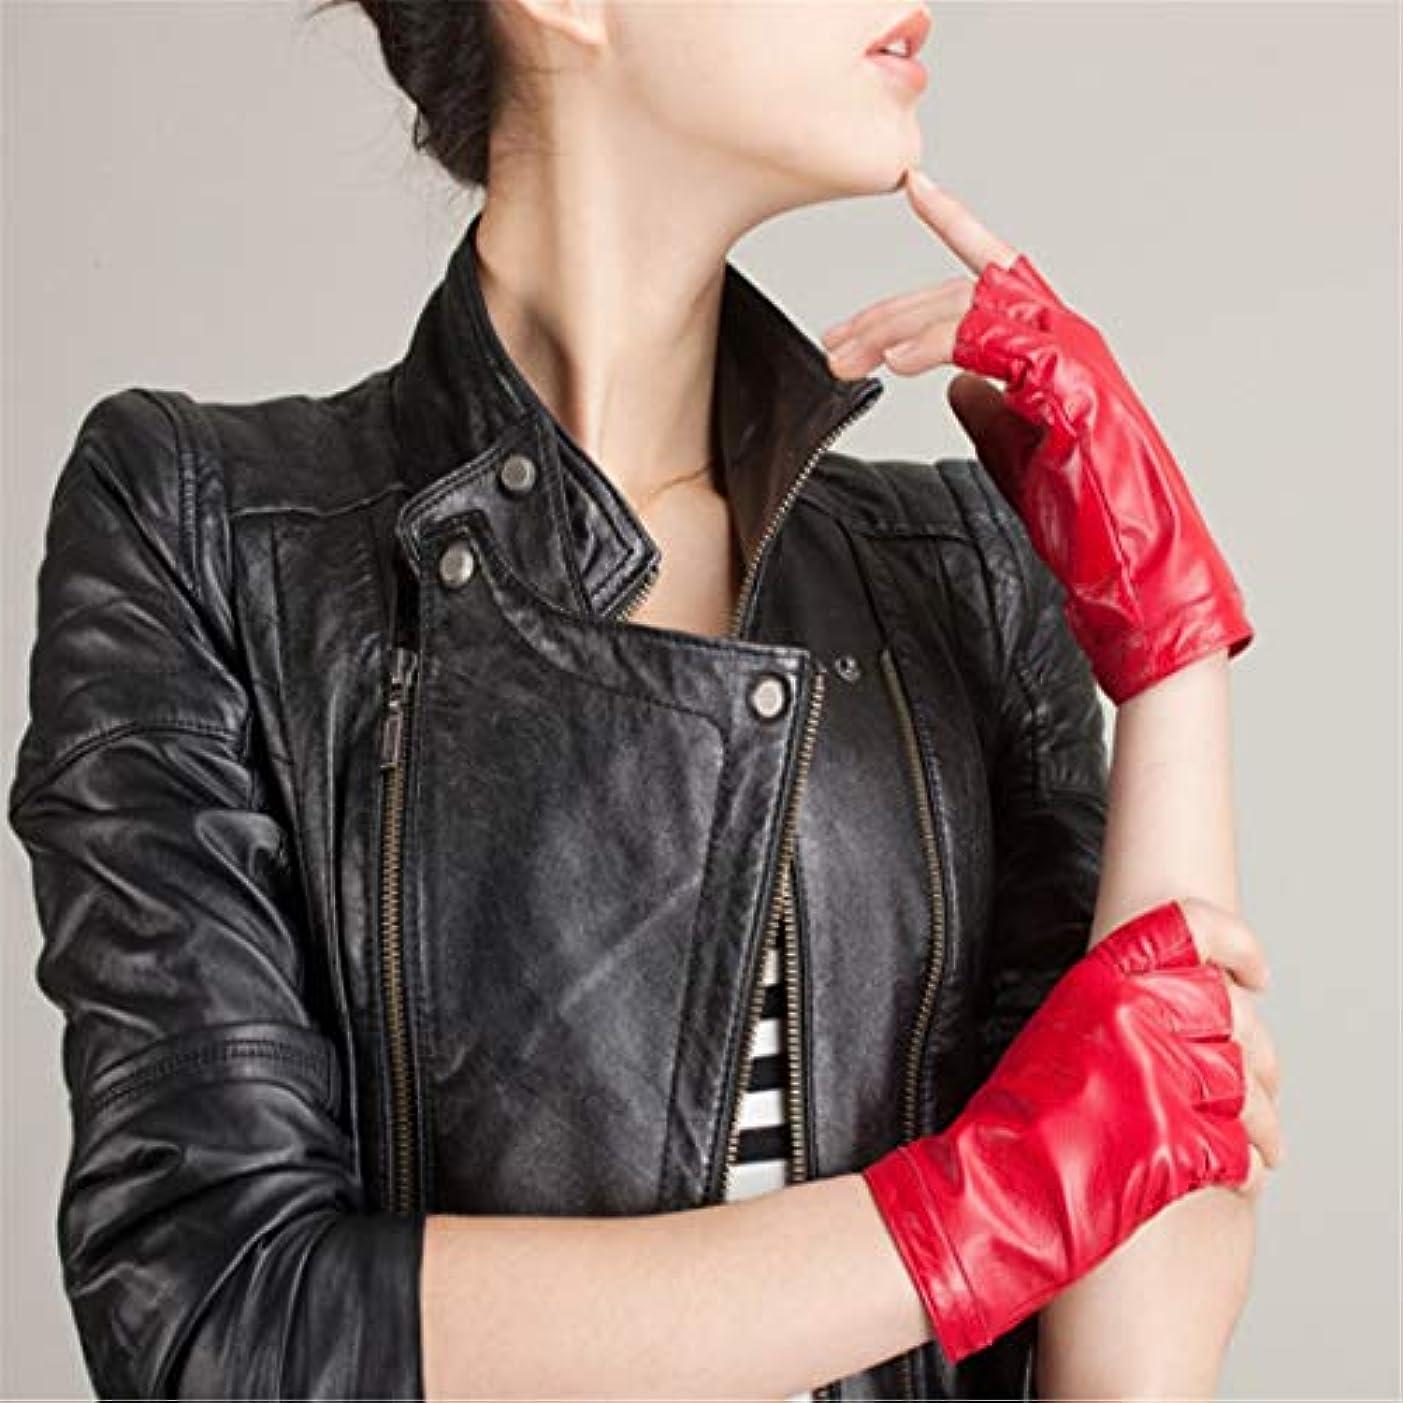 側珍味家畜女性のファッションミットメンズストリートダンスキャットウォーク中性手袋S-XL